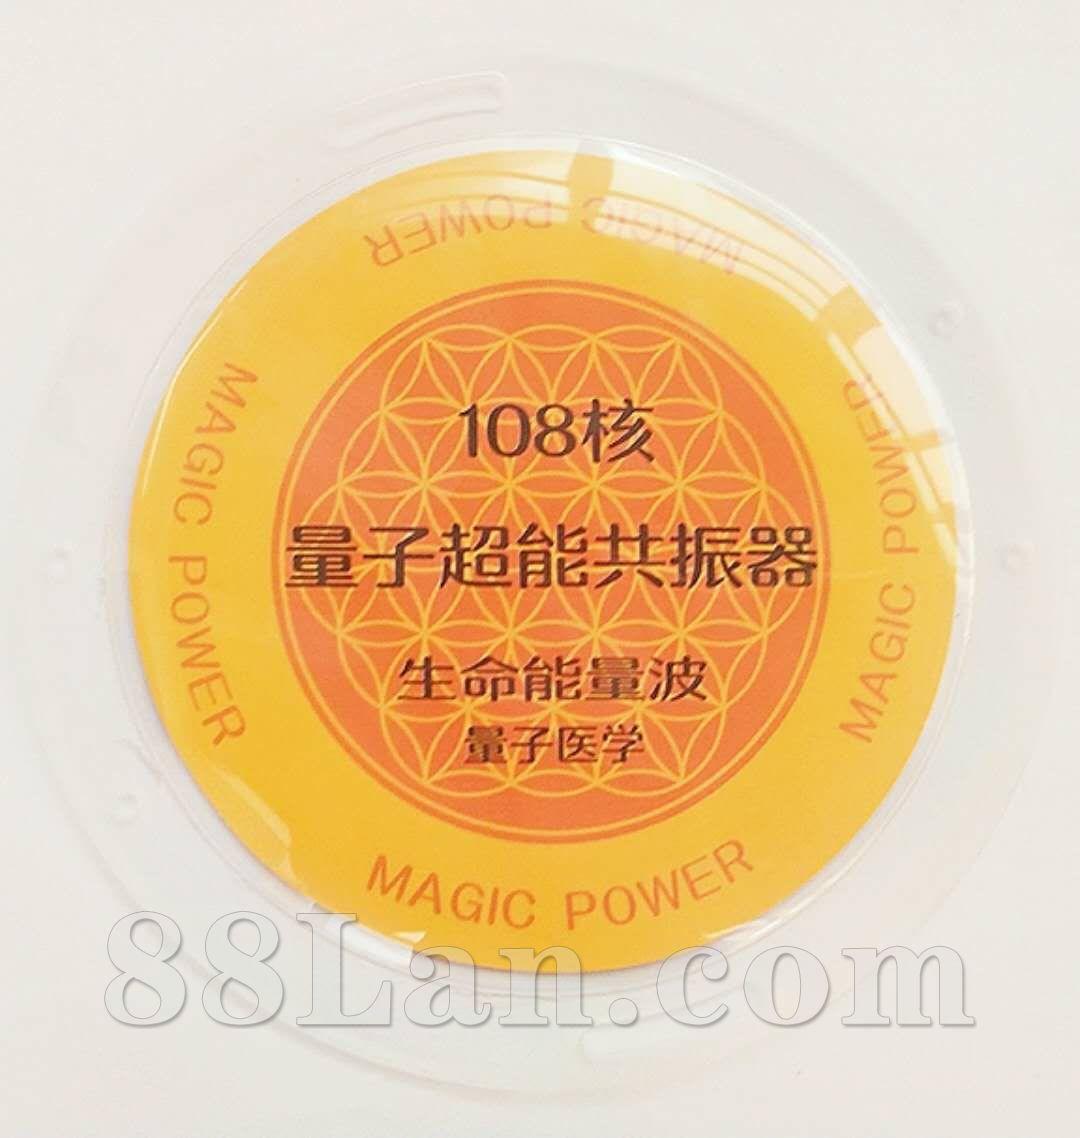 108核量子超能共振器